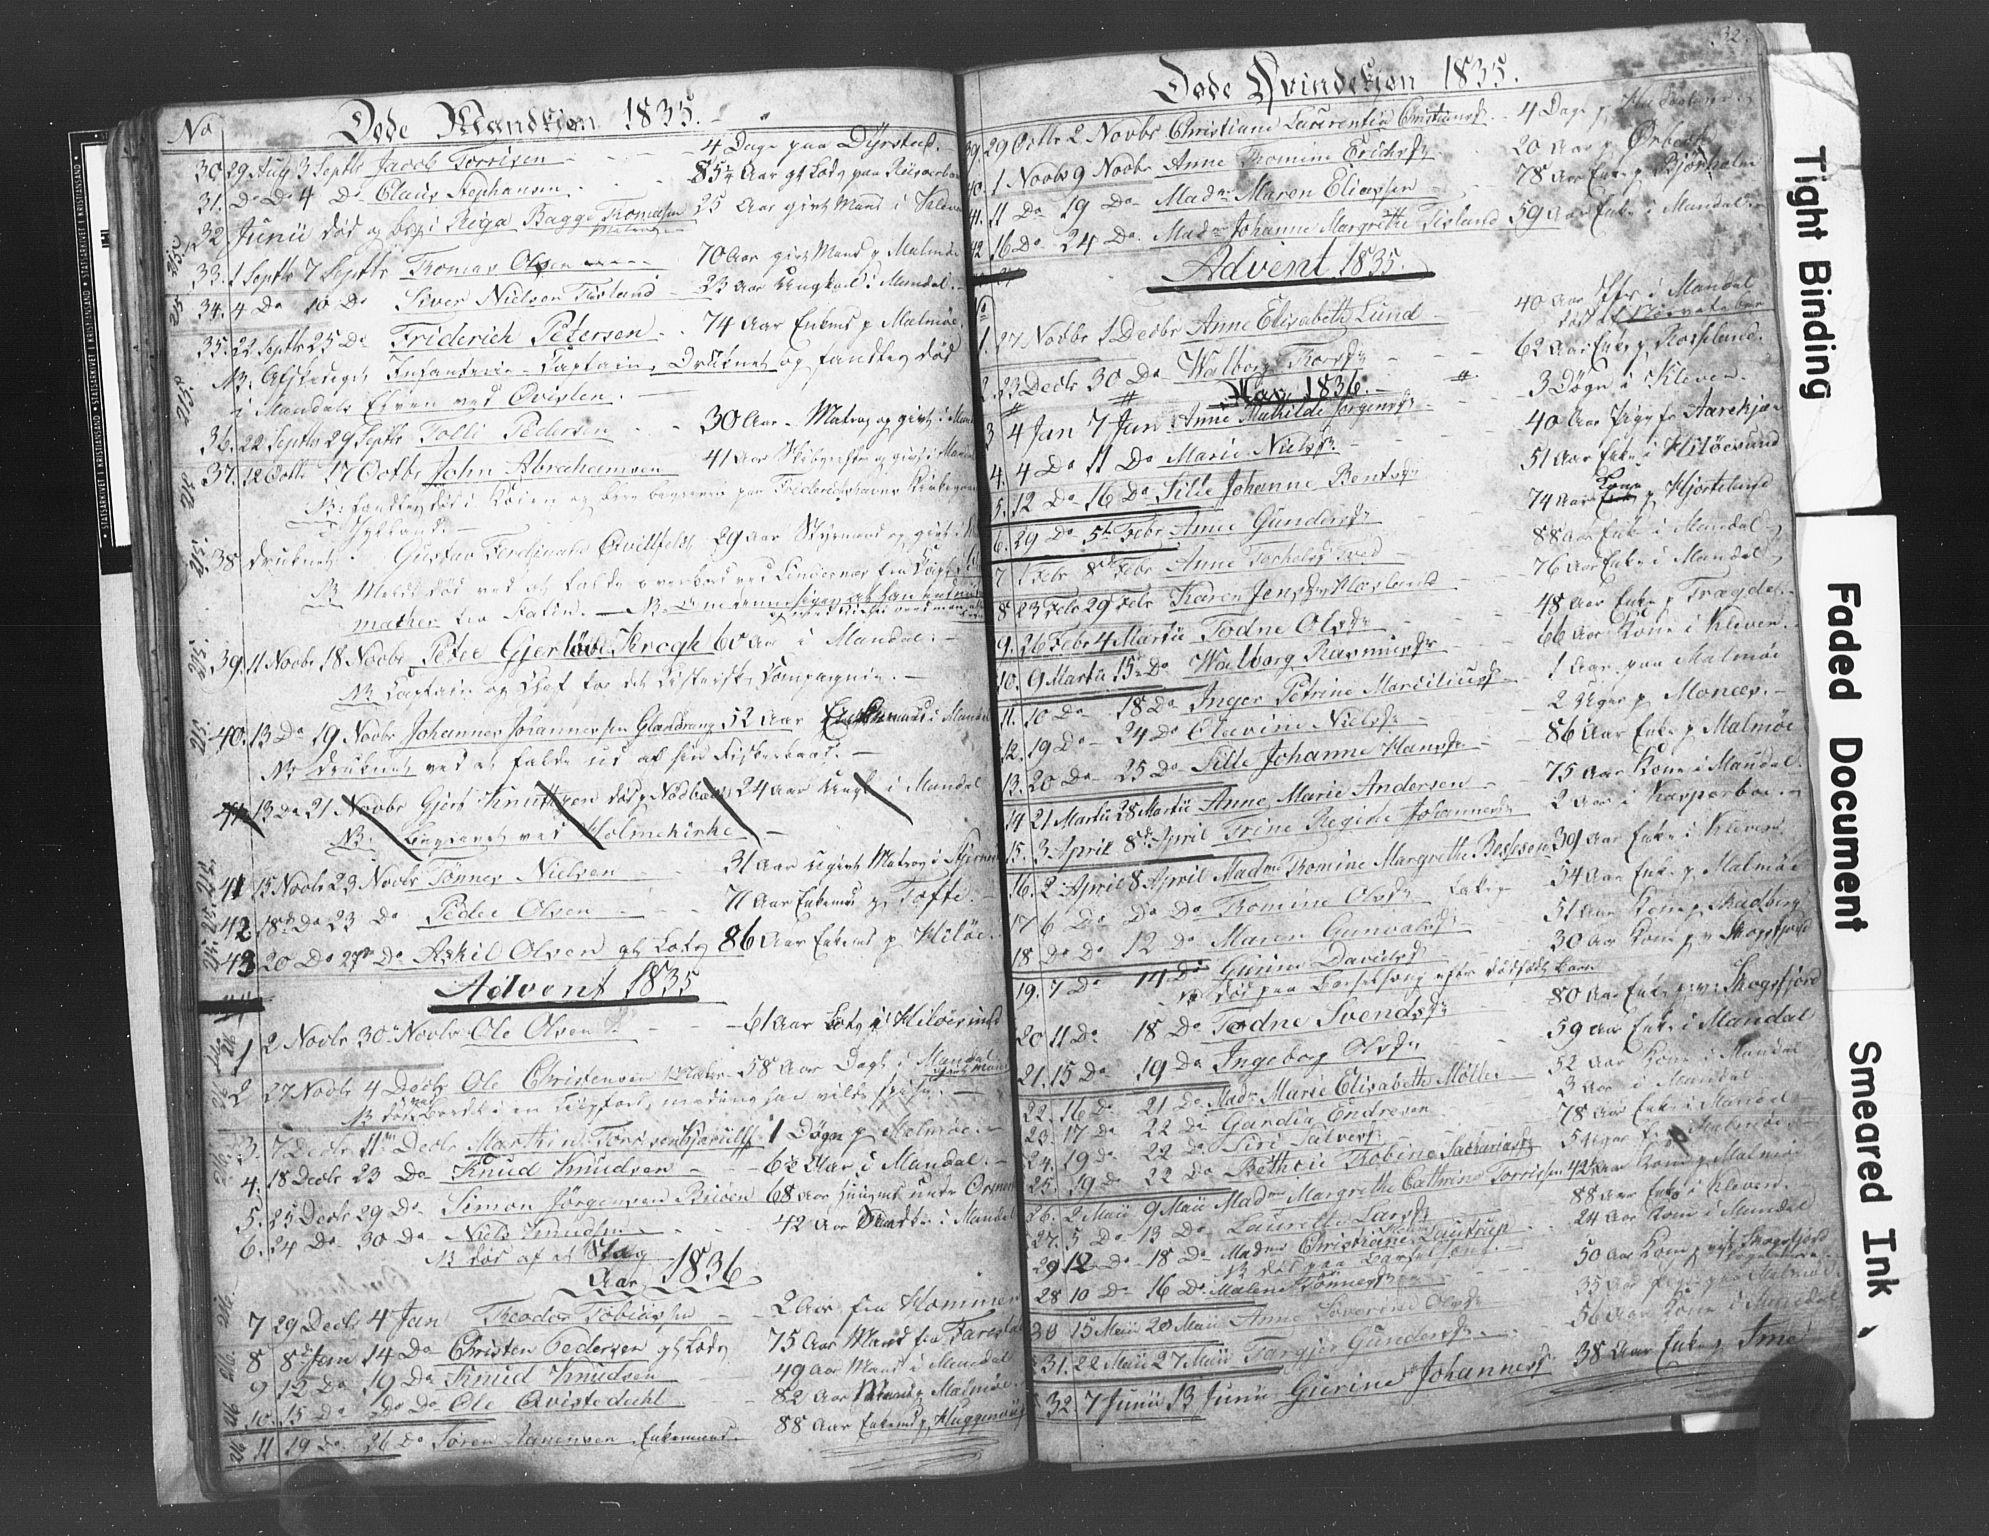 SAK, Mandal sokneprestkontor, F/Fb/Fba/L0003: Klokkerbok nr. B 1C, 1834-1838, s. 32